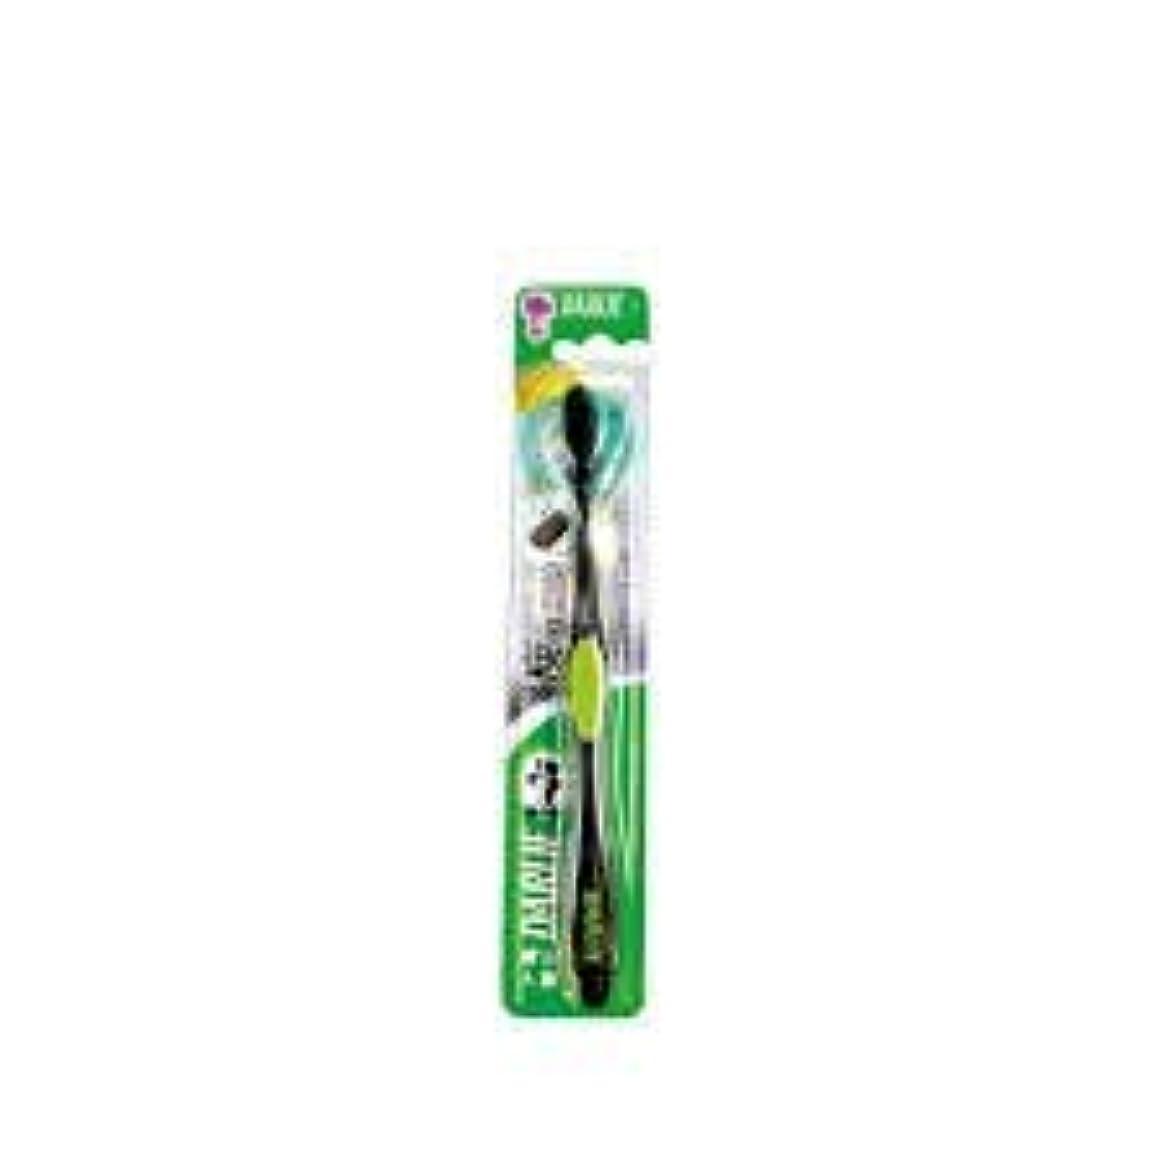 無力経由で買収DARLIE チャコールブラック歯磨き粉歯ブラシのクリーニングはテーパ1S-口臭を防止するために、活性炭粒子で強化毛。